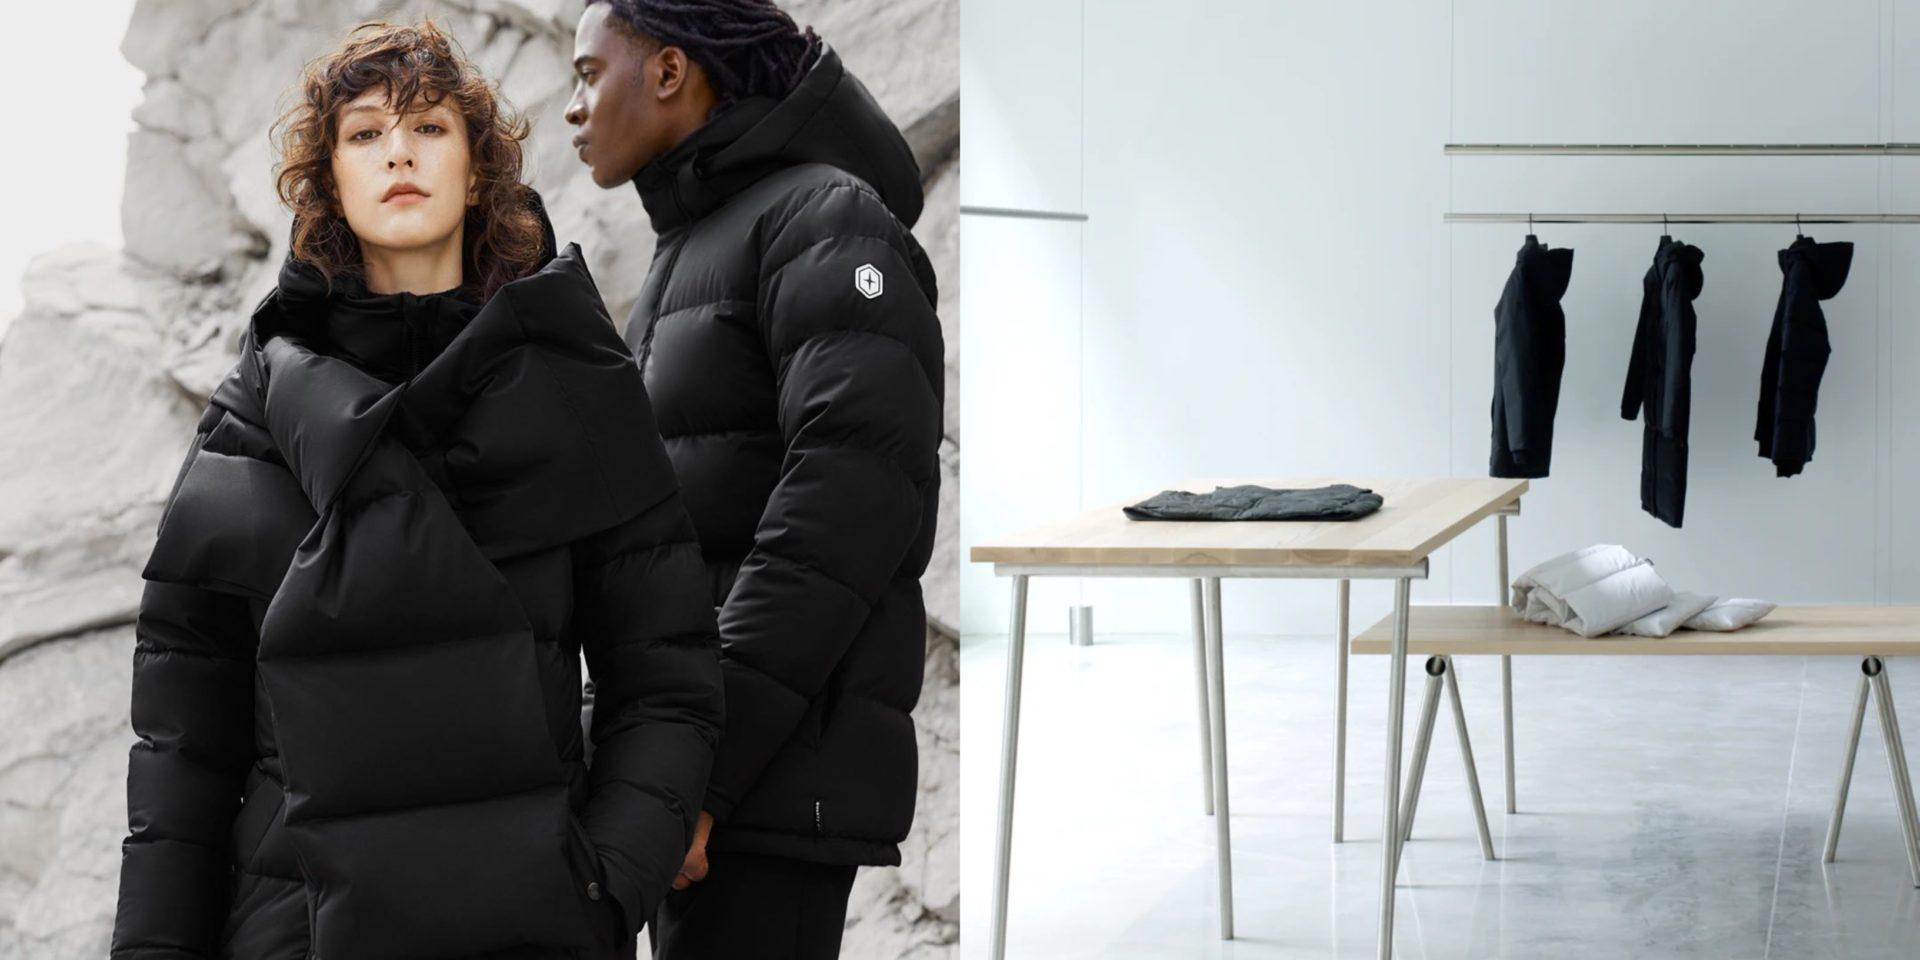 Cette compagnie de manteaux québécoise ouvre ENFIN sa boutique phare, aujourd'hui à Montréal!